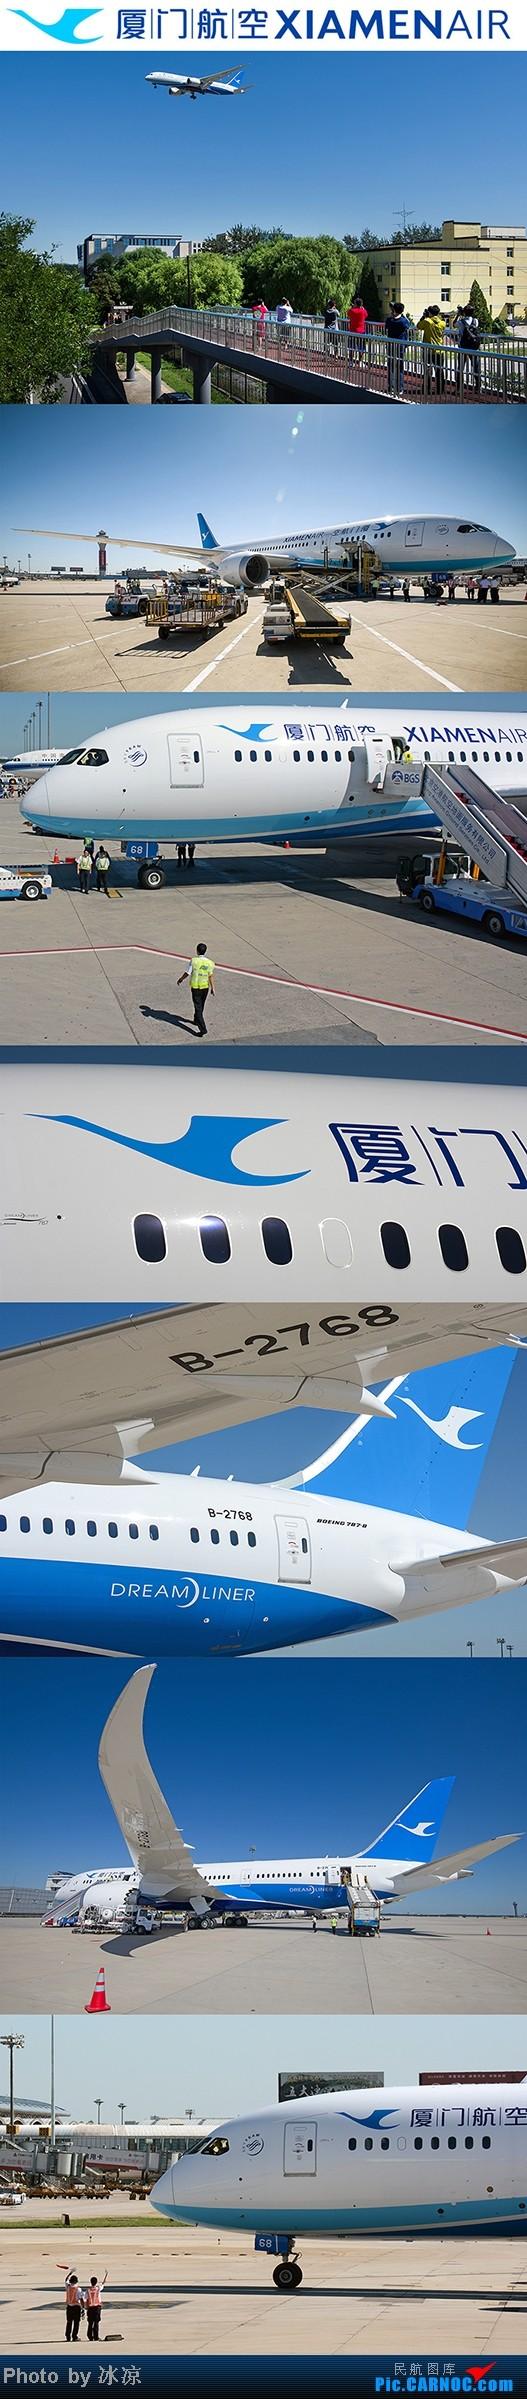 [原创]PEK直观厦门航空首架787梦想客机,组图分享,后附身份证无码大图。 BOEING 787-8 B-2768 中国北京首都机场